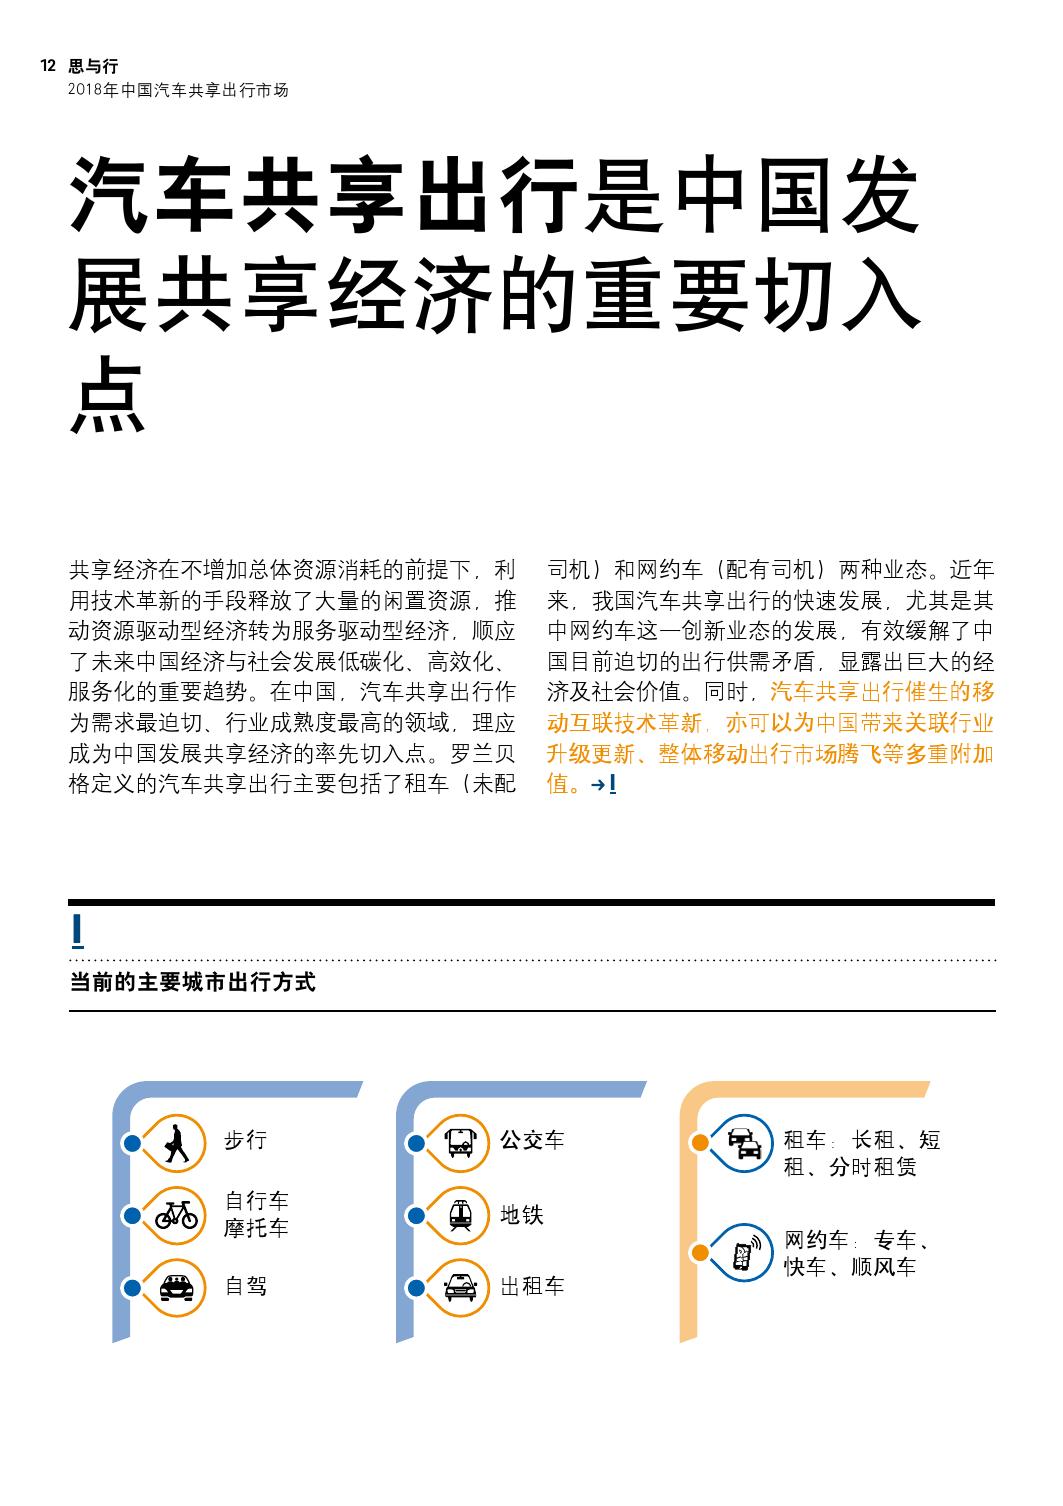 2018年中国汽车共享出行市场分析预测报告_000012